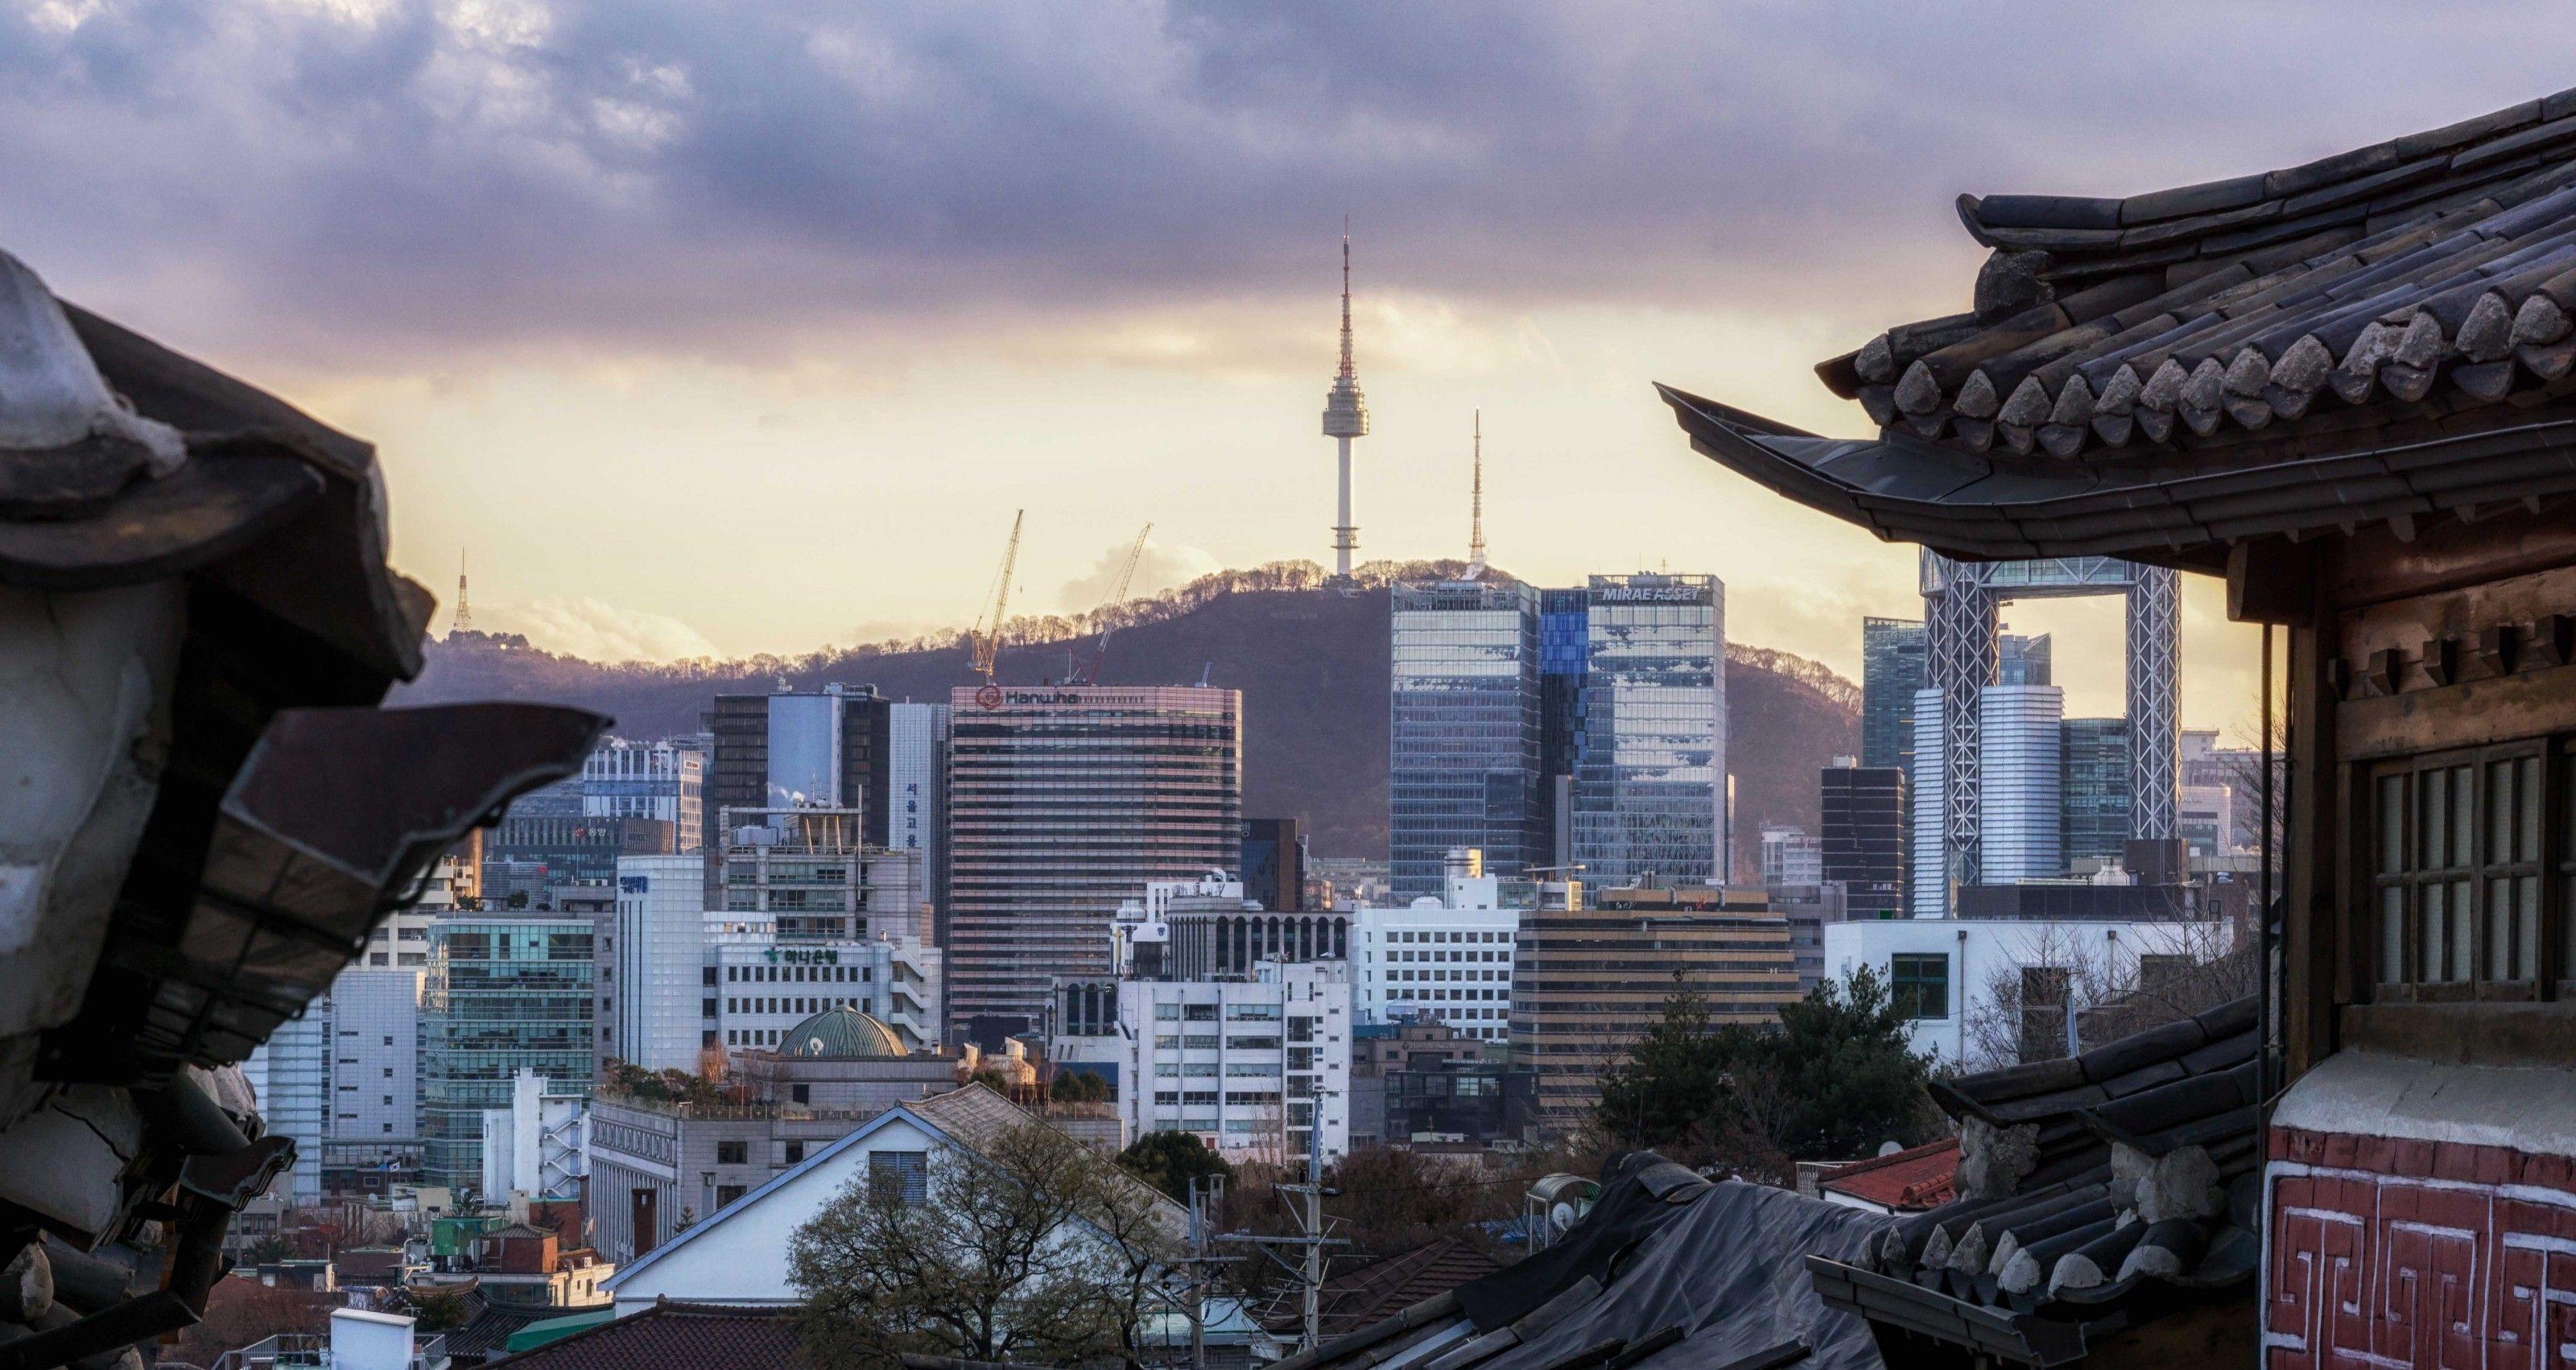 Seoul – dynamisch, weltoffen und voller Tradition | National Geographic